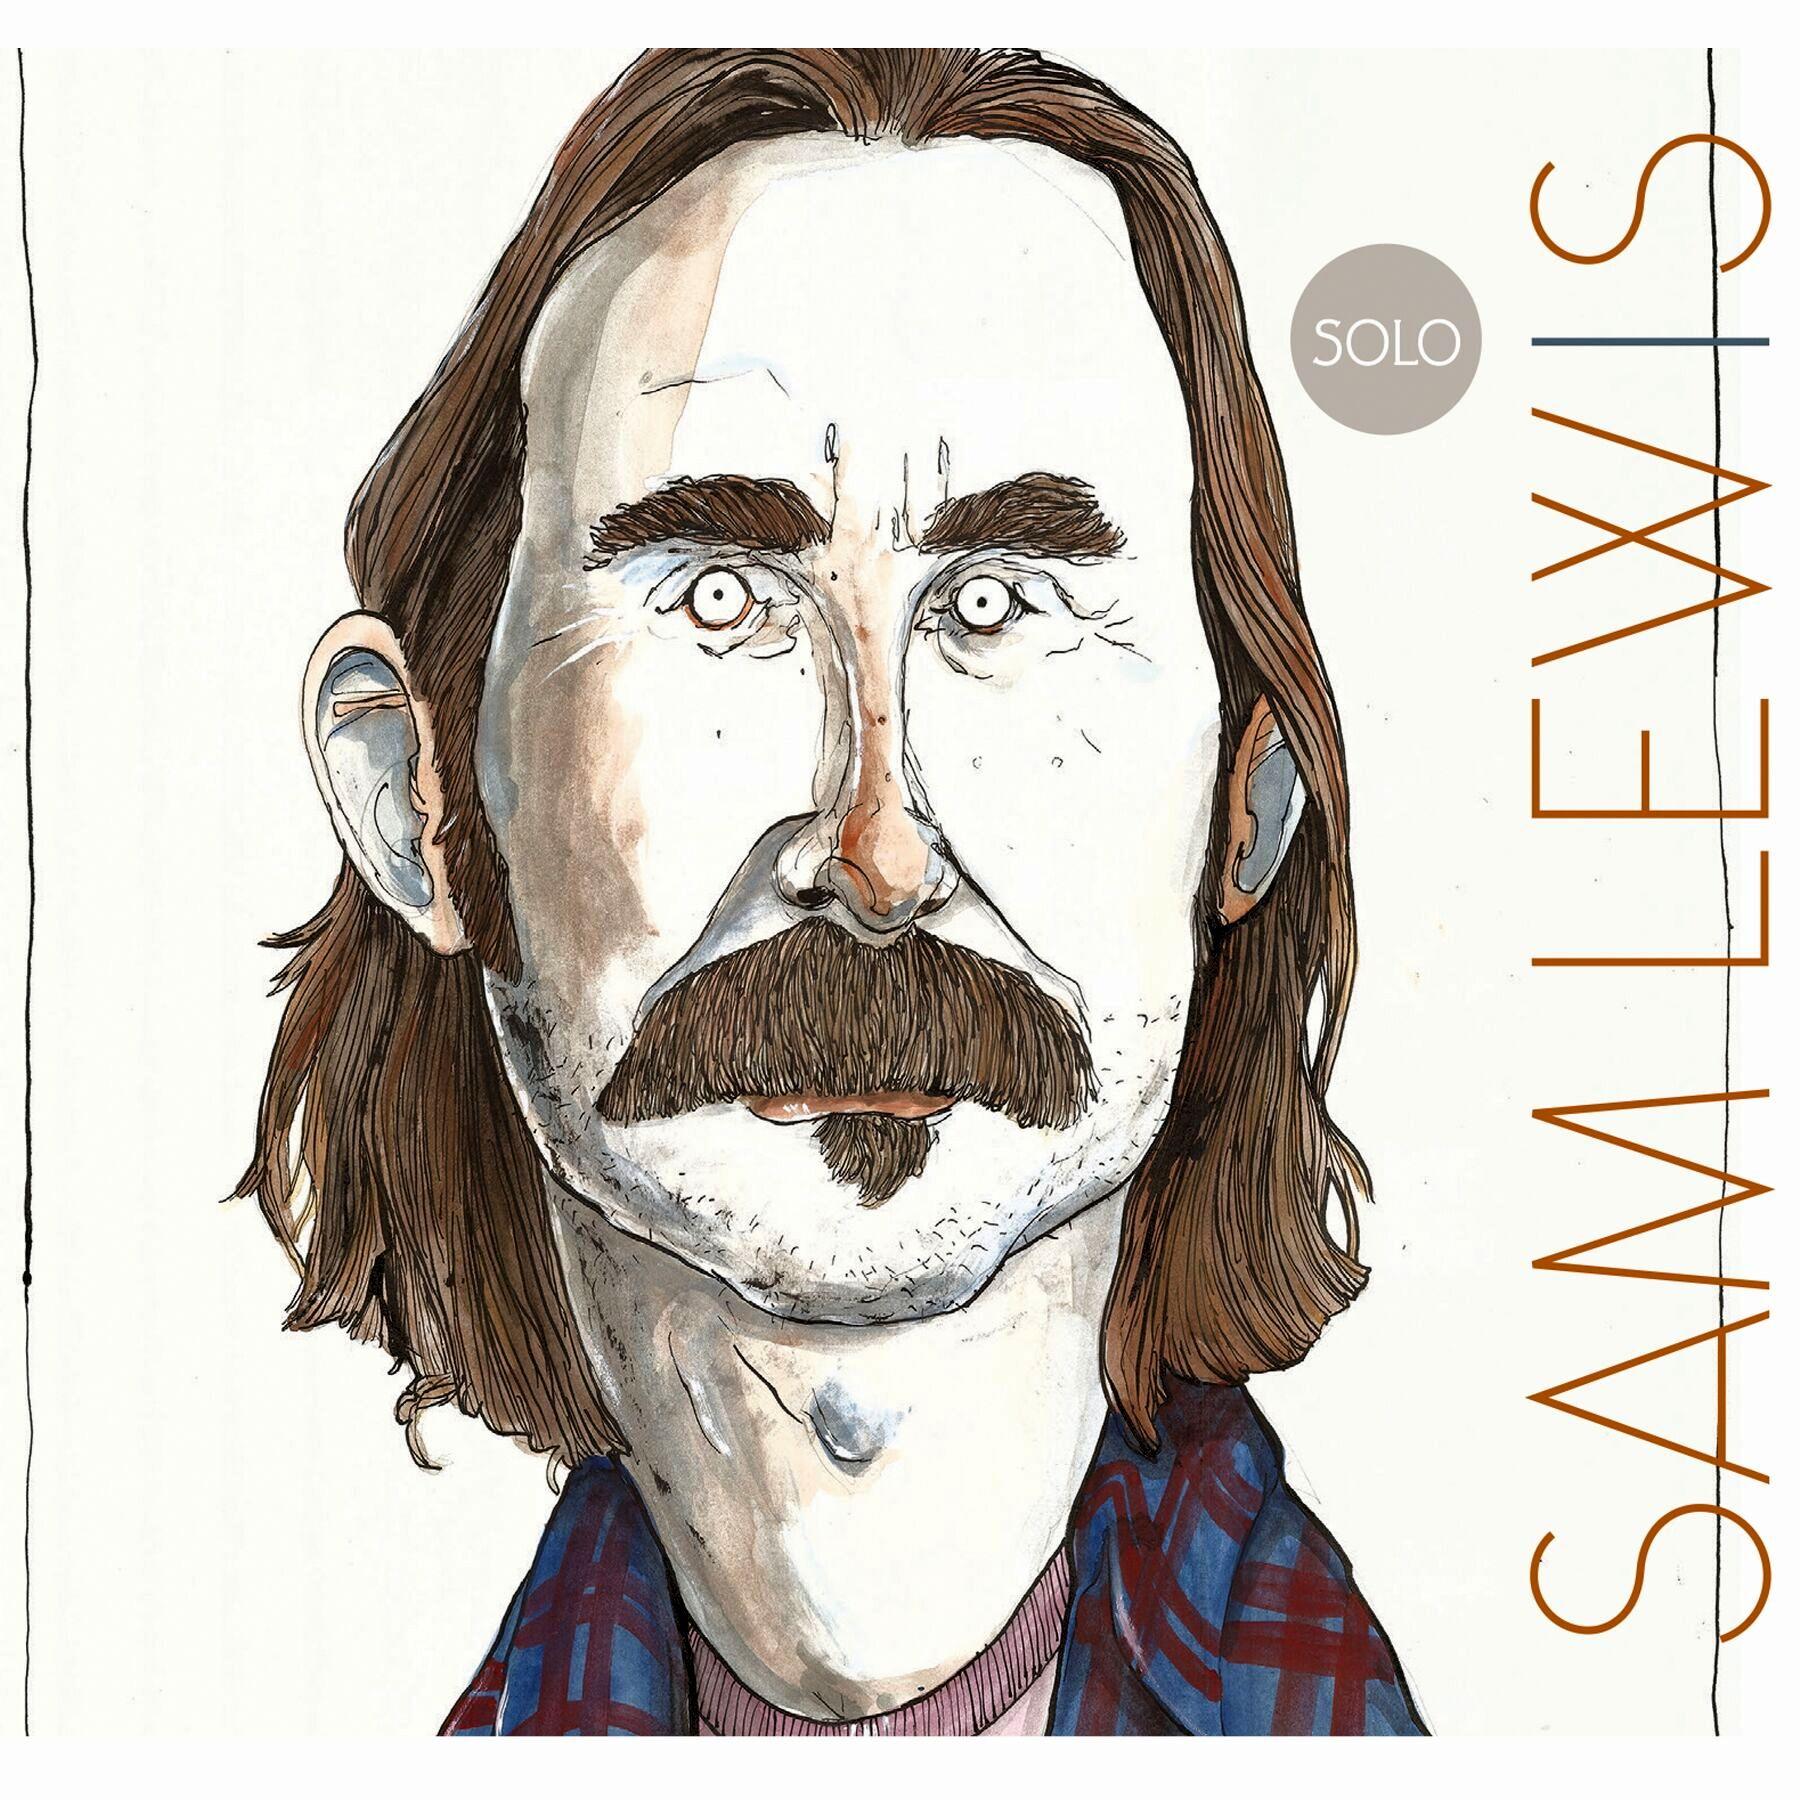 SAM LEWIS - Solo